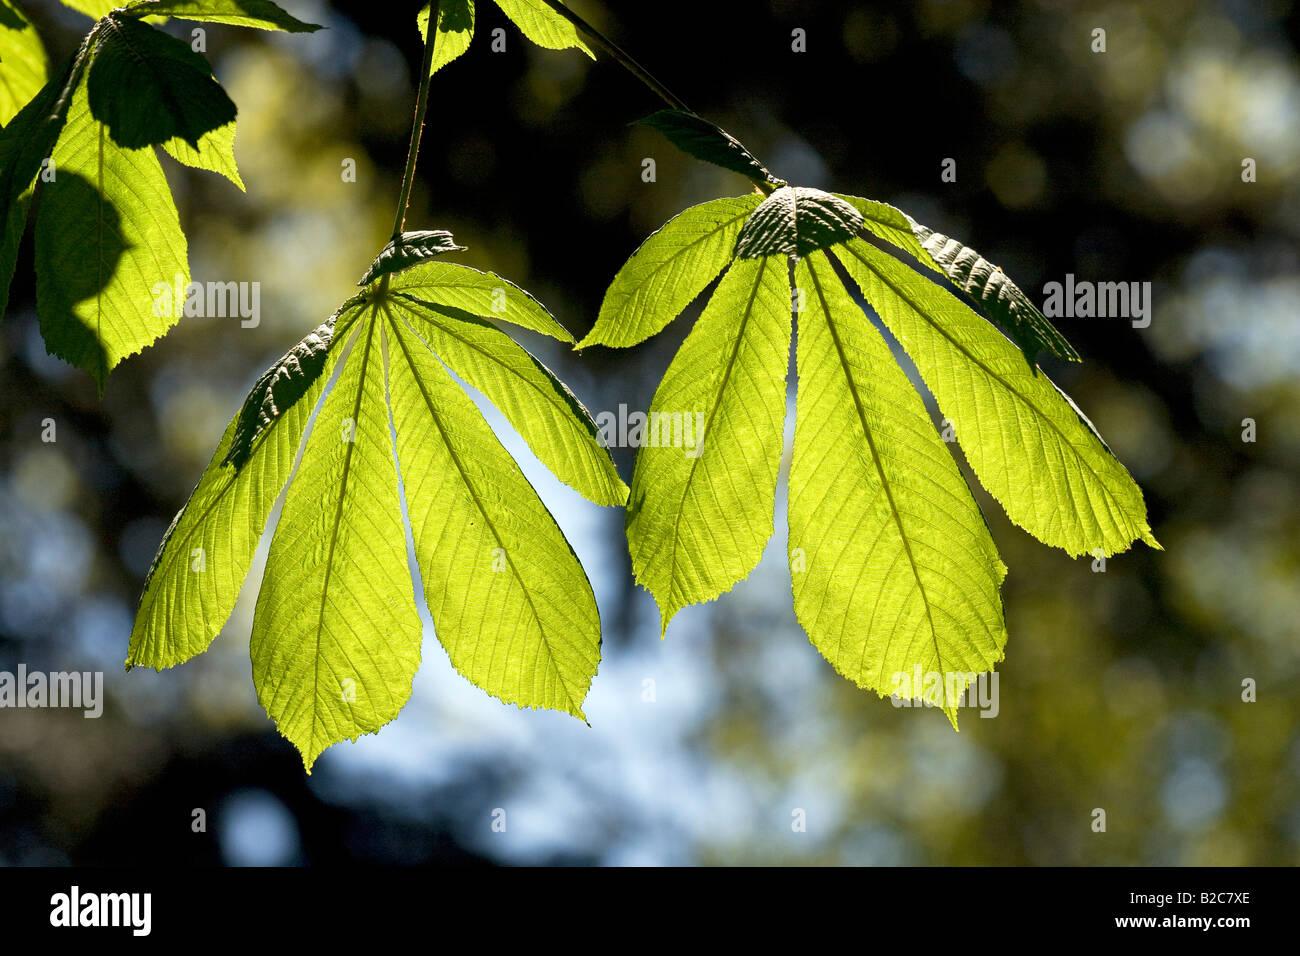 Castaño o Conker tree (Aesculus hippocastanum), árbol con resorte de crecimiento, retroiluminado, deja Imagen De Stock